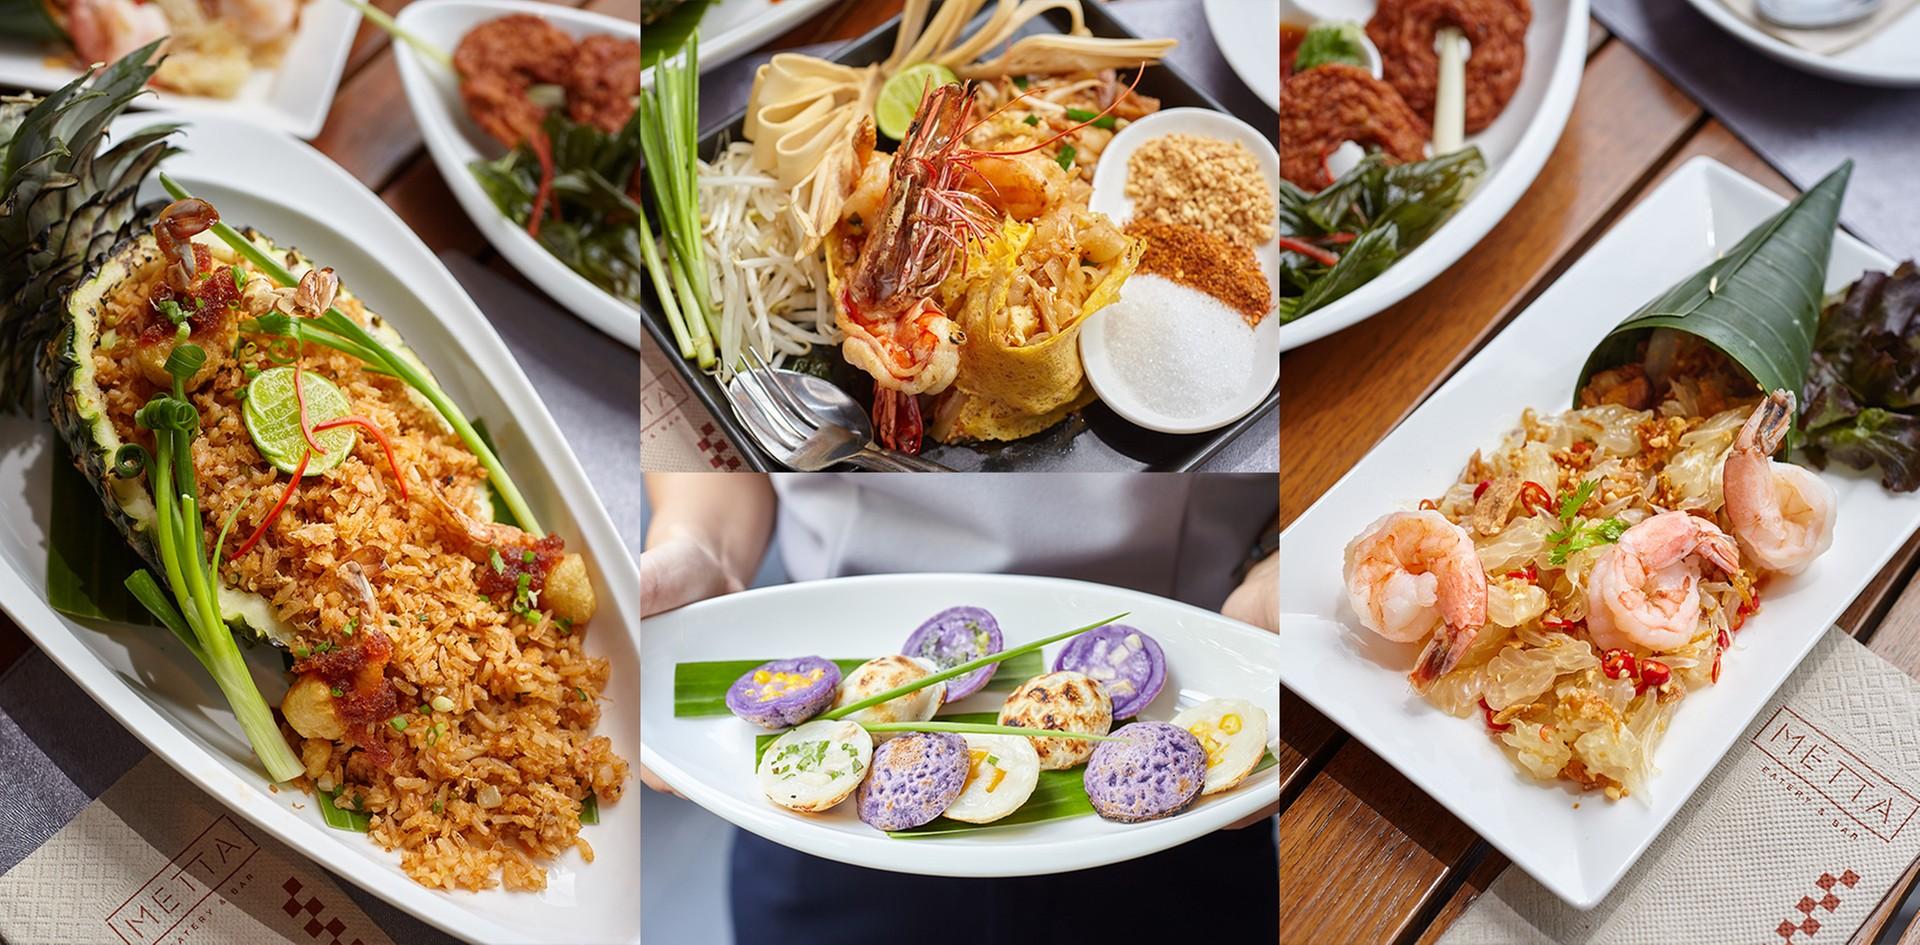 ลิ้มรสอาหารไทยดั้งเดิม เคล้าบรรยากาศตะวันตก ที่ METTA EATERY AND BAR